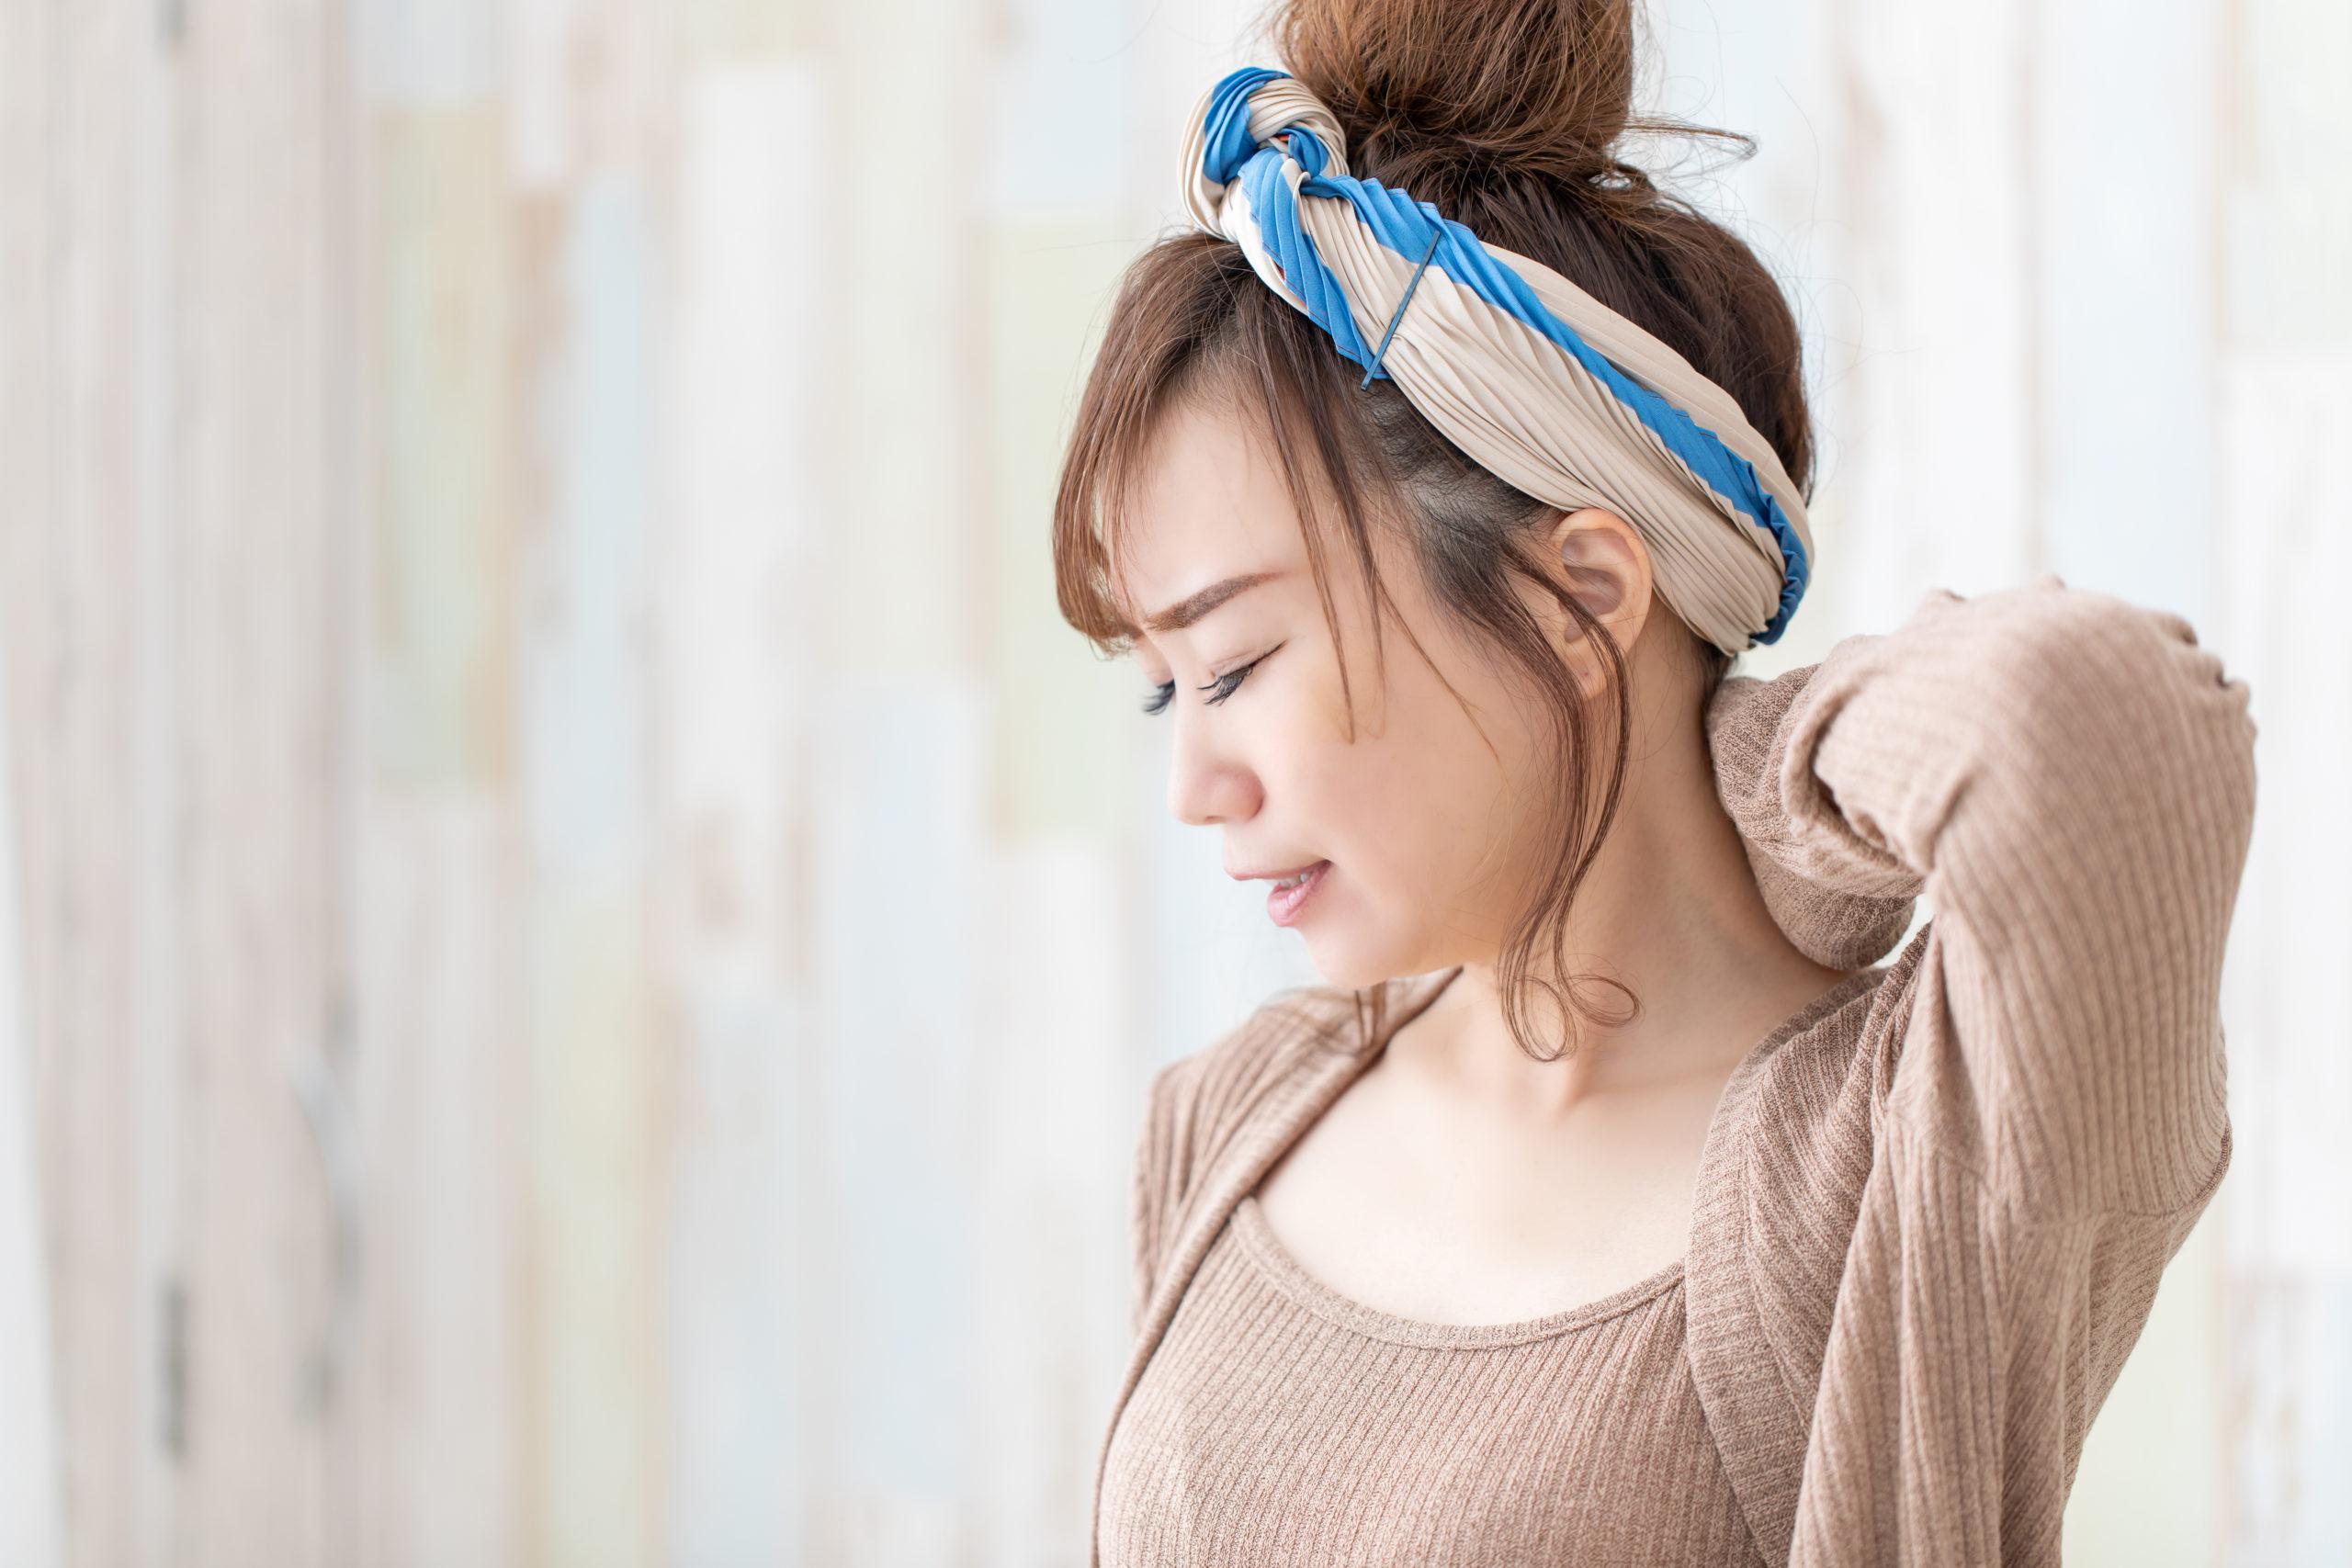 頸椎の痛みを緩和する調整してくれる整骨医院